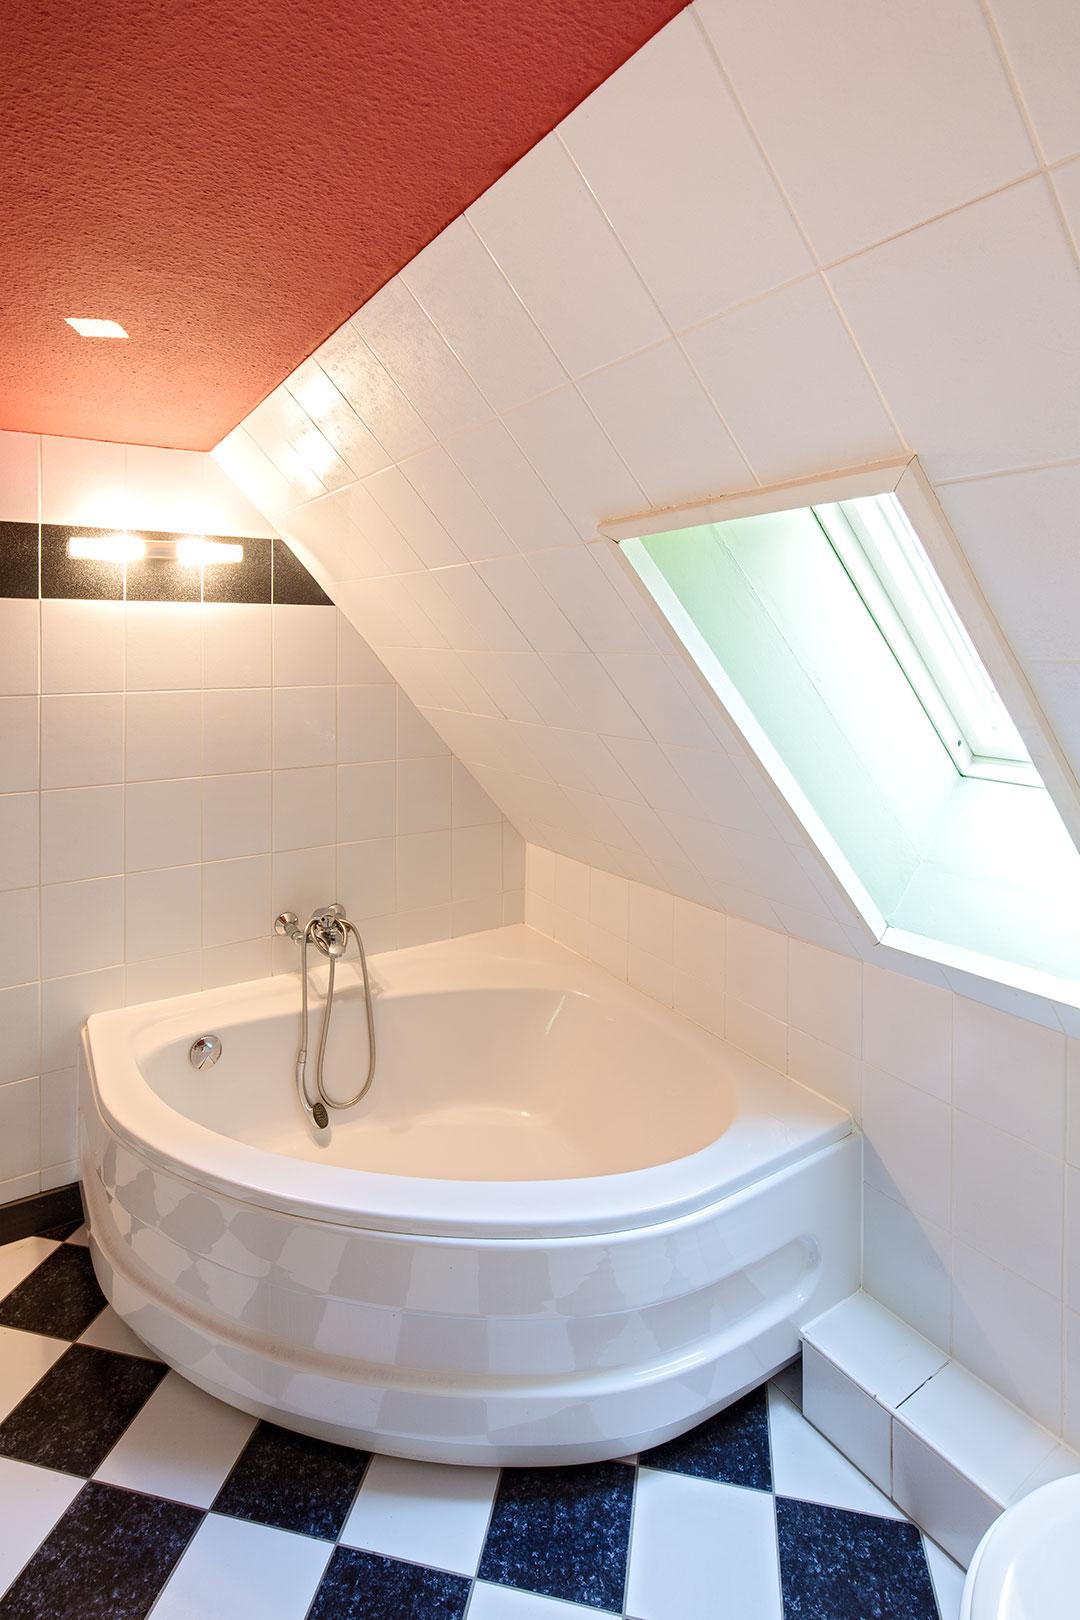 Architekturfotografie, Innenarchitektur: Badezimmer | Foto: Dieter Eikenberg, imprints